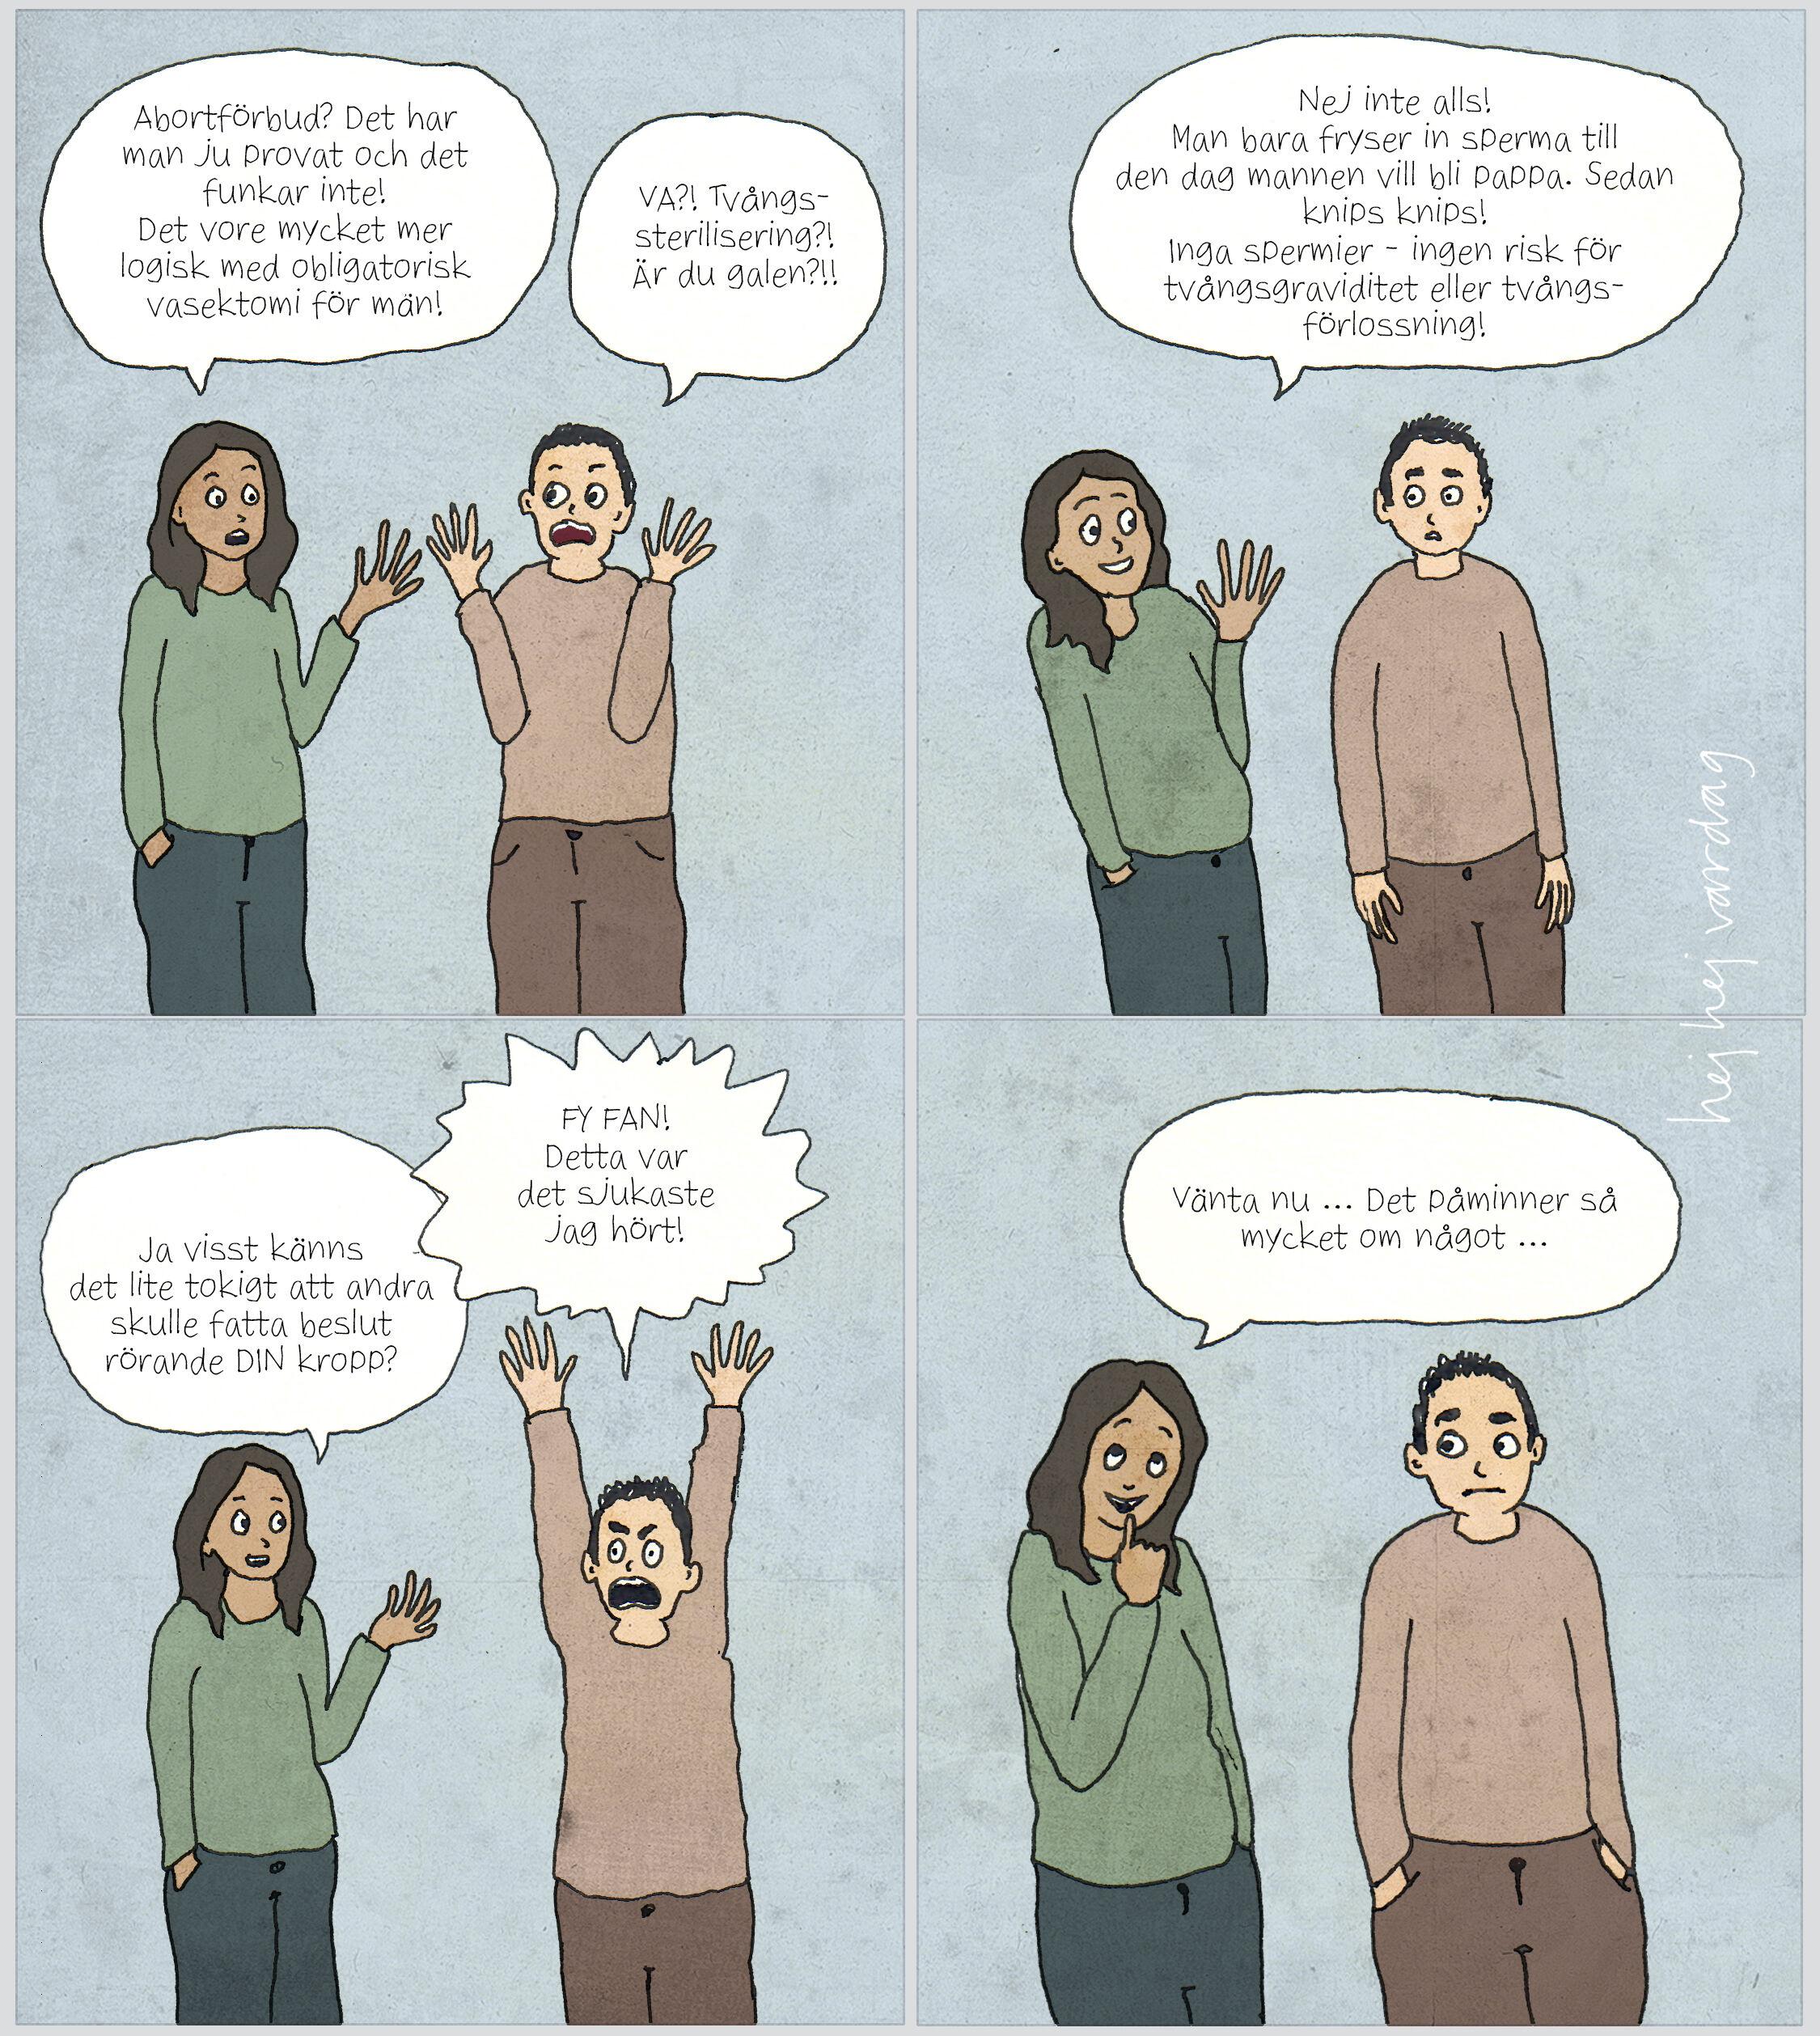 abortforbud